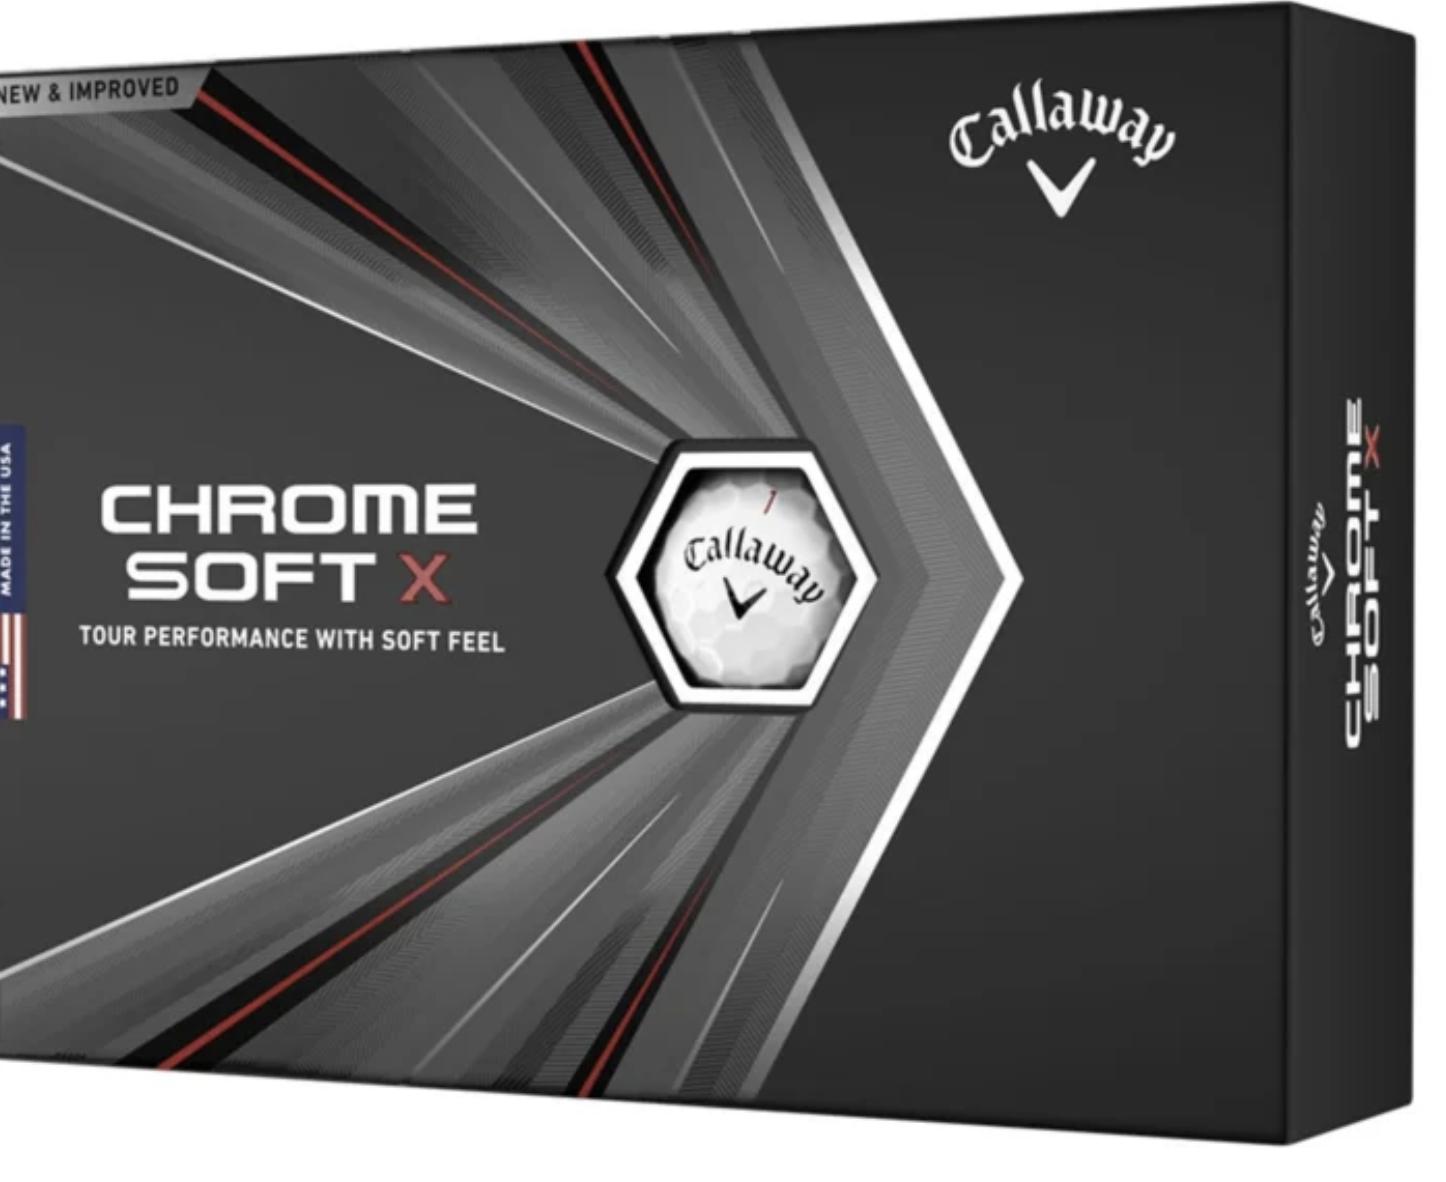 Callaway Callaway Golfballen Chrome Soft X wit, Dozijn